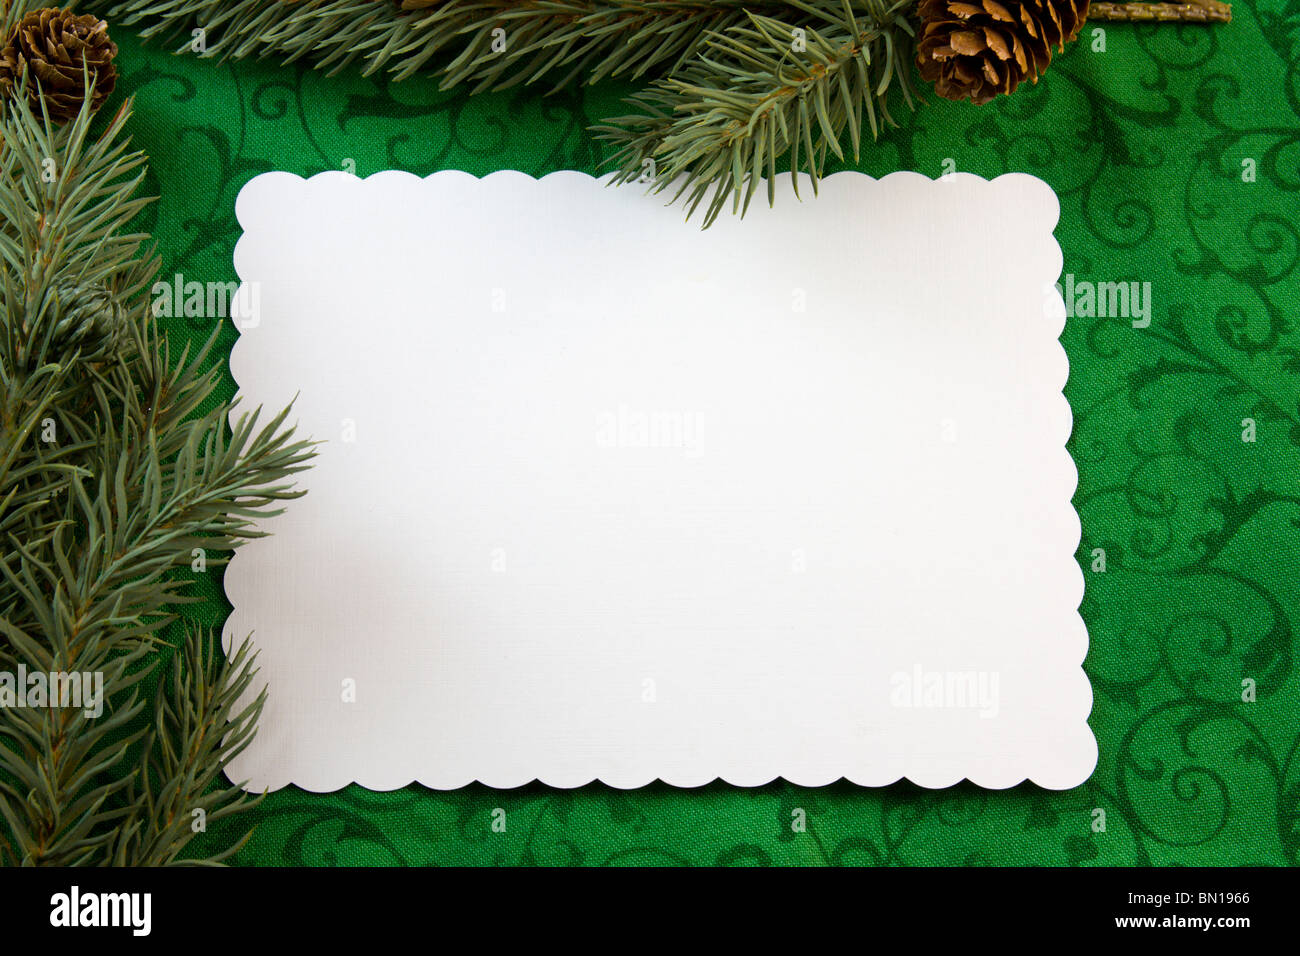 leere Weihnachtskarte mit Tannenzweigen auf grünen Blättern ...